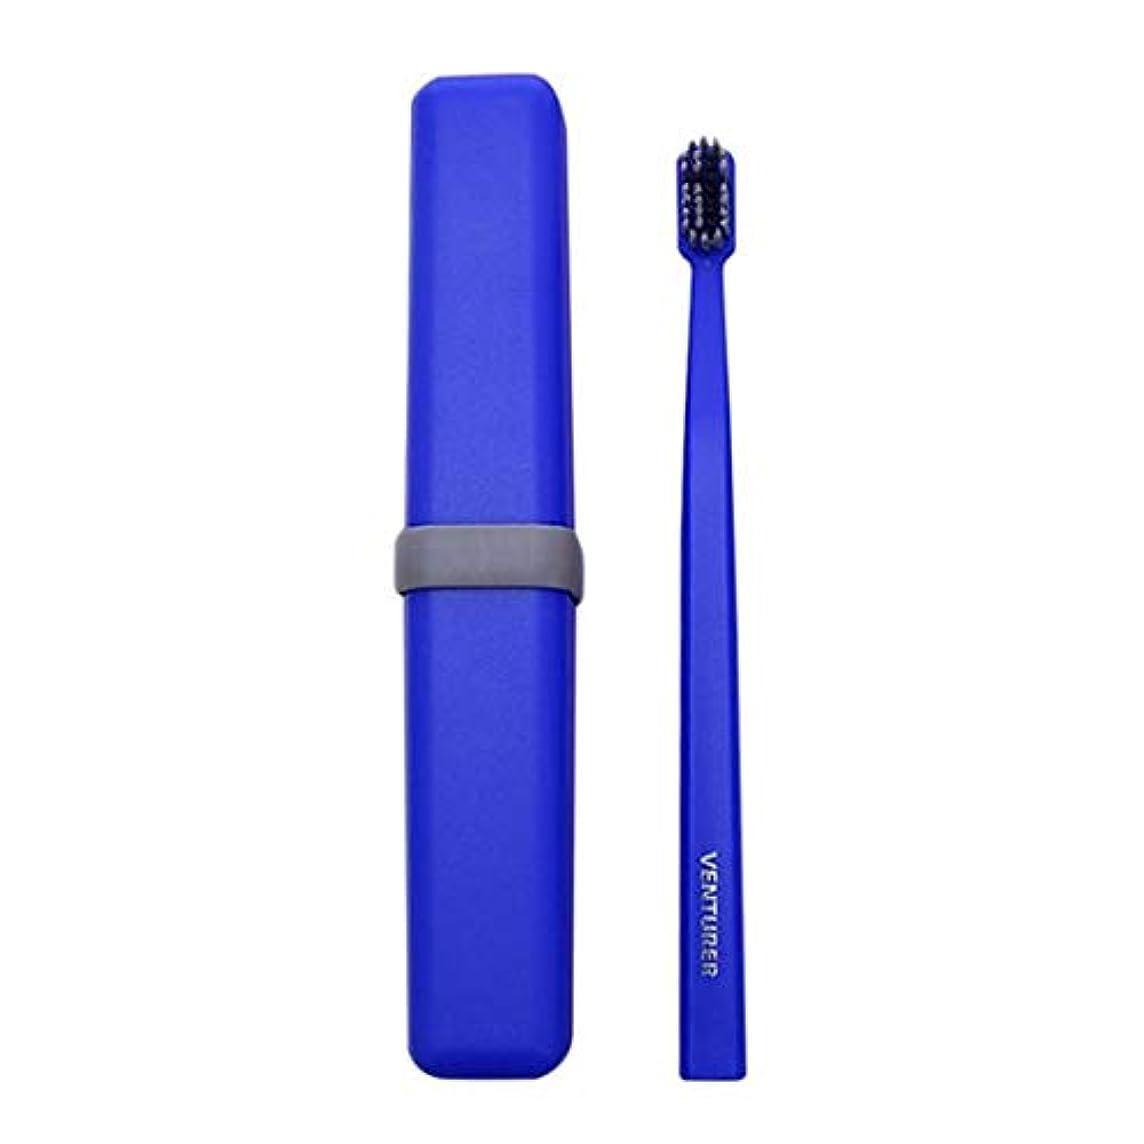 旅行歯ブラシ大人の竹炭口腔ケア抗菌歯ブラシ (青)